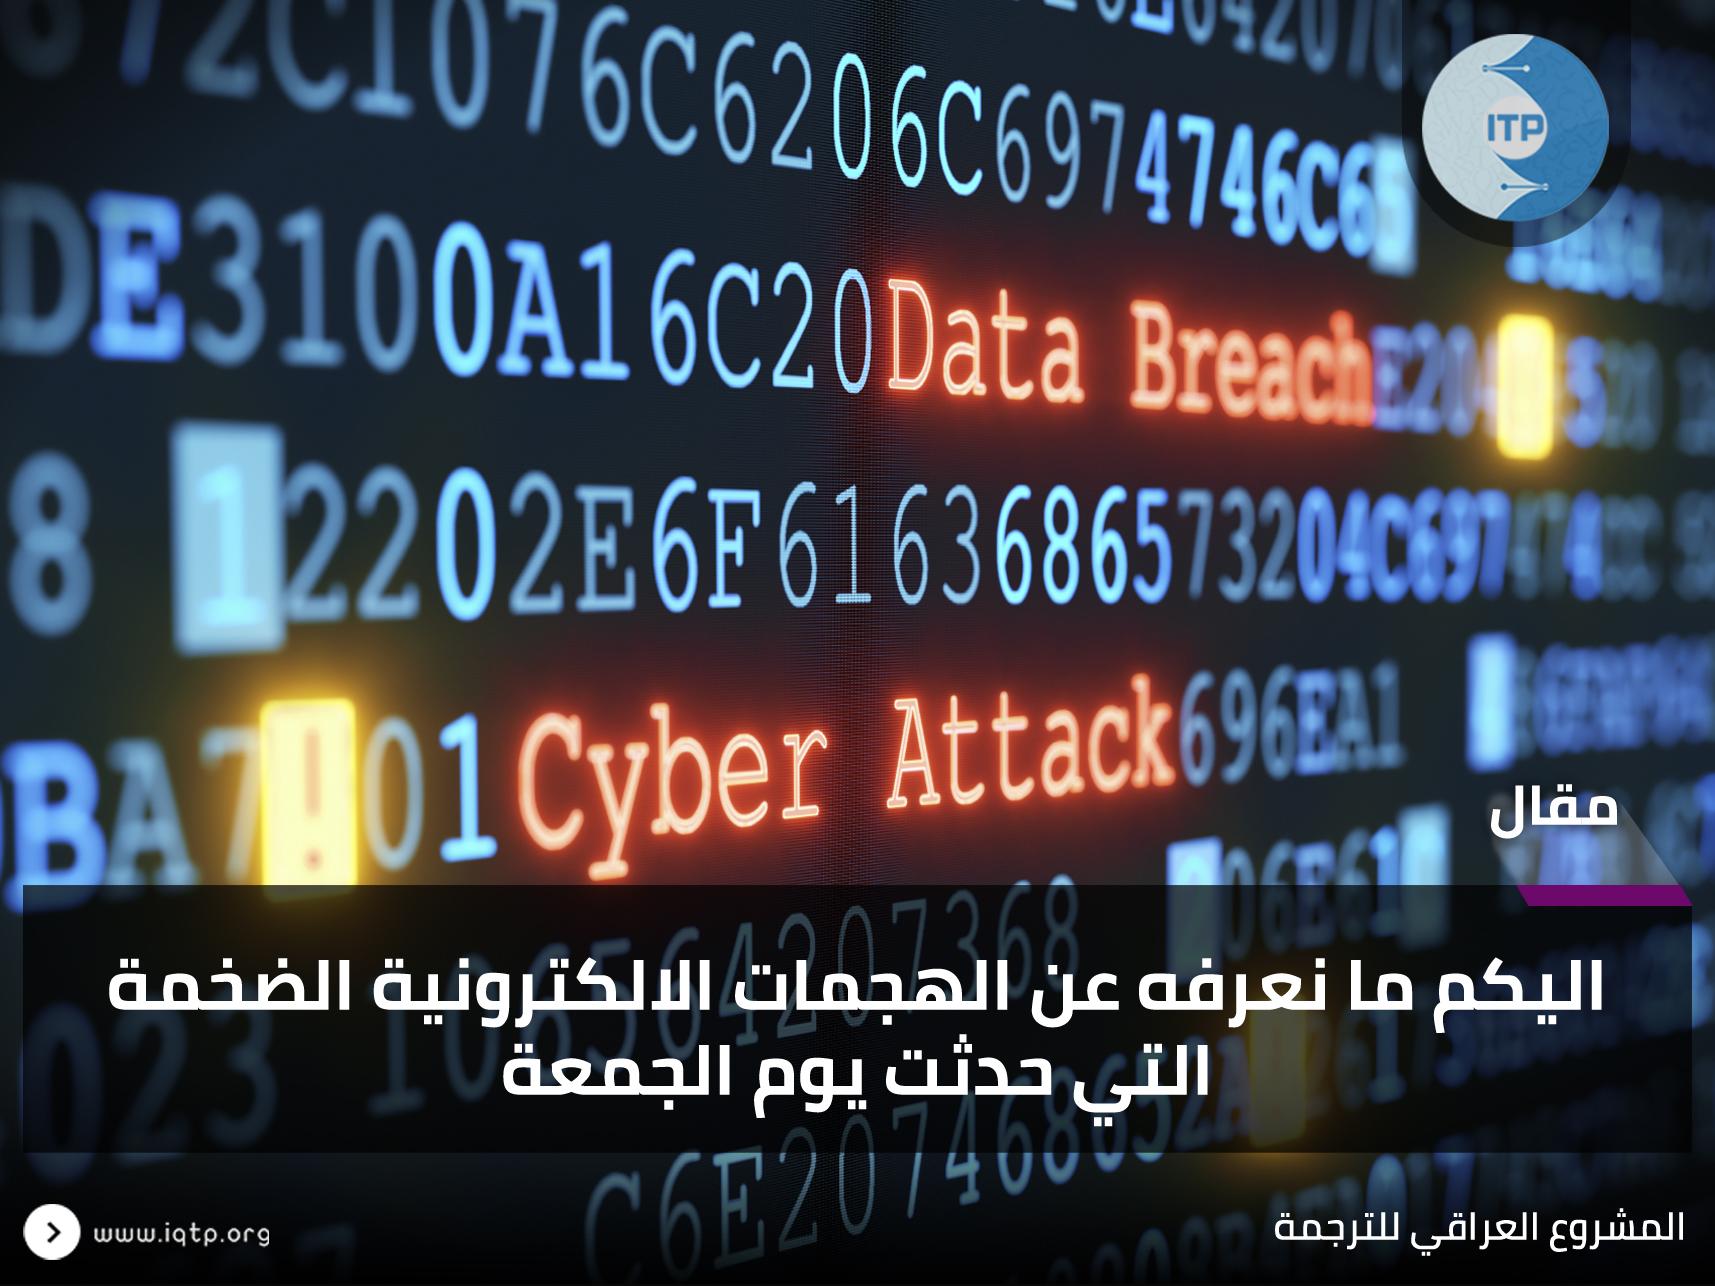 اليكم ما نعرفه عن الهجمات الالكترونية الضخمة التي حدثت يوم الجمعة